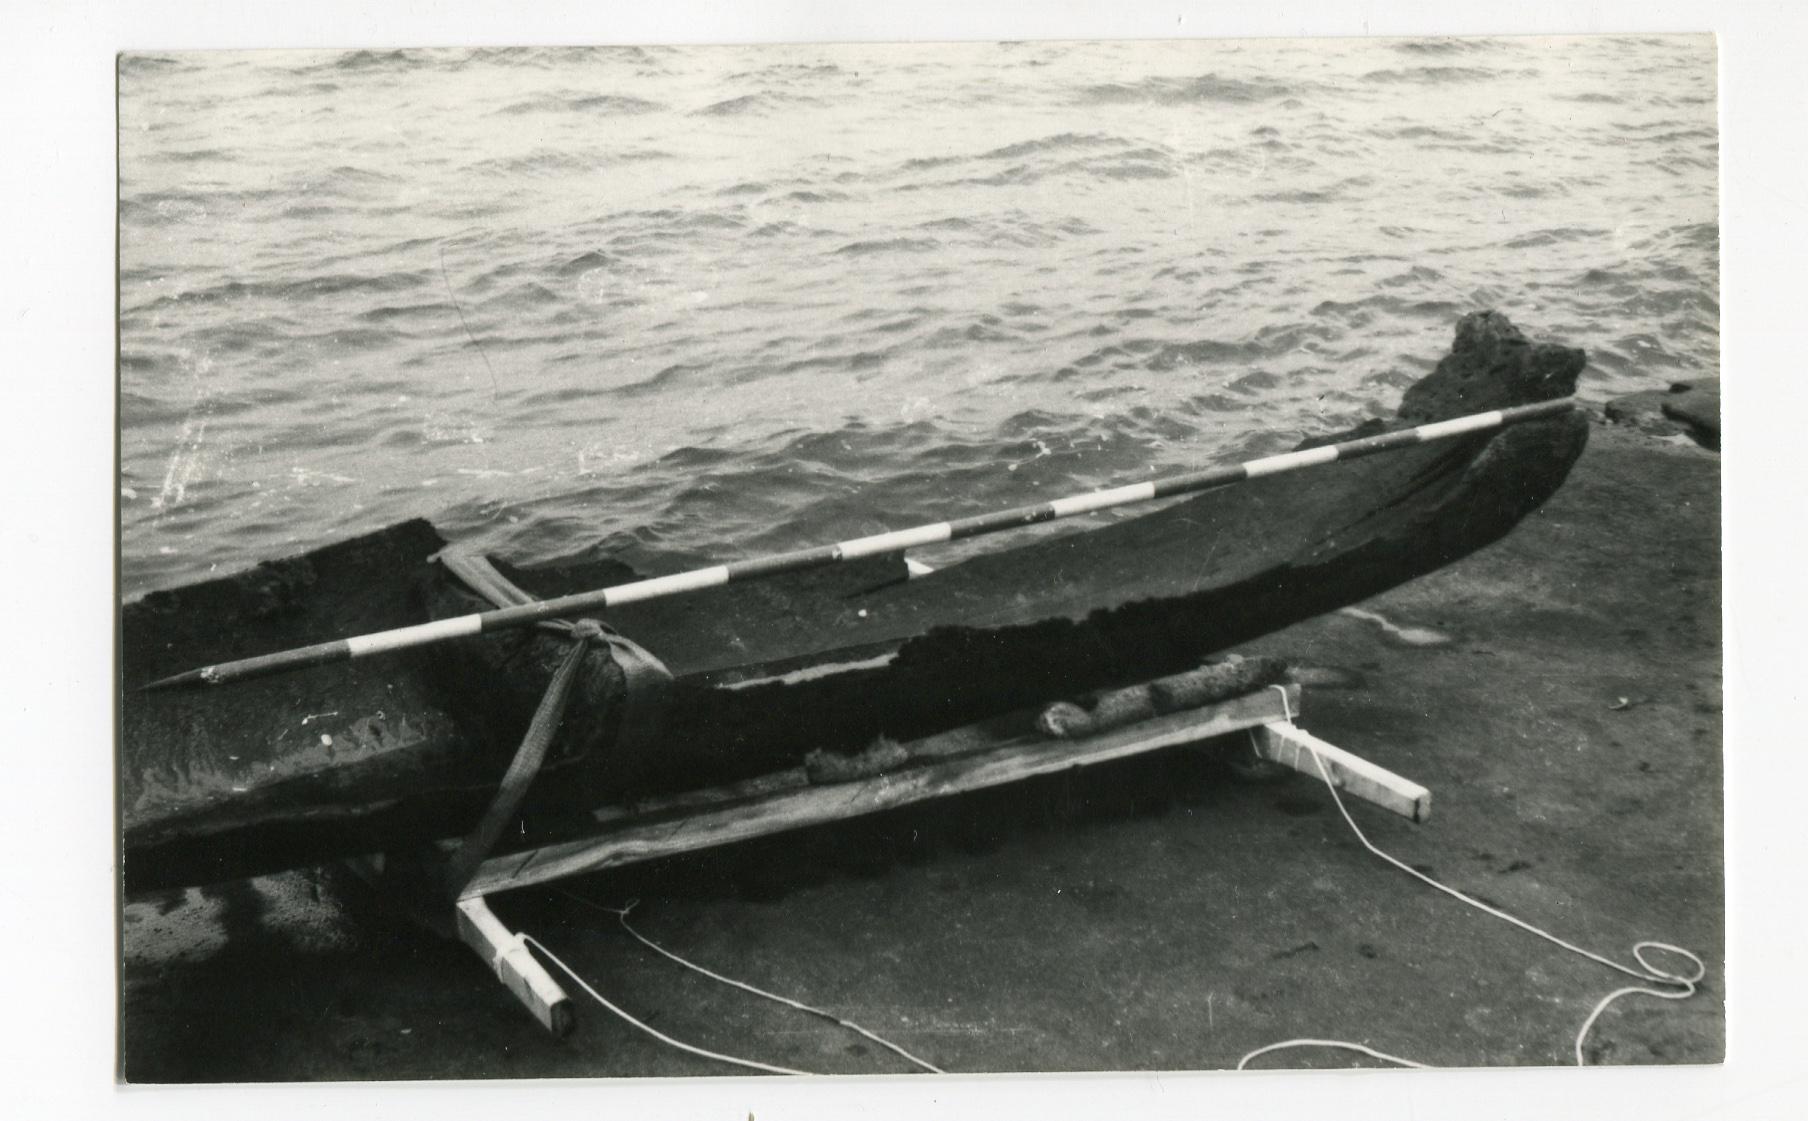 Wydobyta dłubanka w 1989 r., nabrzeże w Puckich zakładach Mechanicznych w Pucku, fotografia z archiwum Muzeum Ziemi Puckiej.